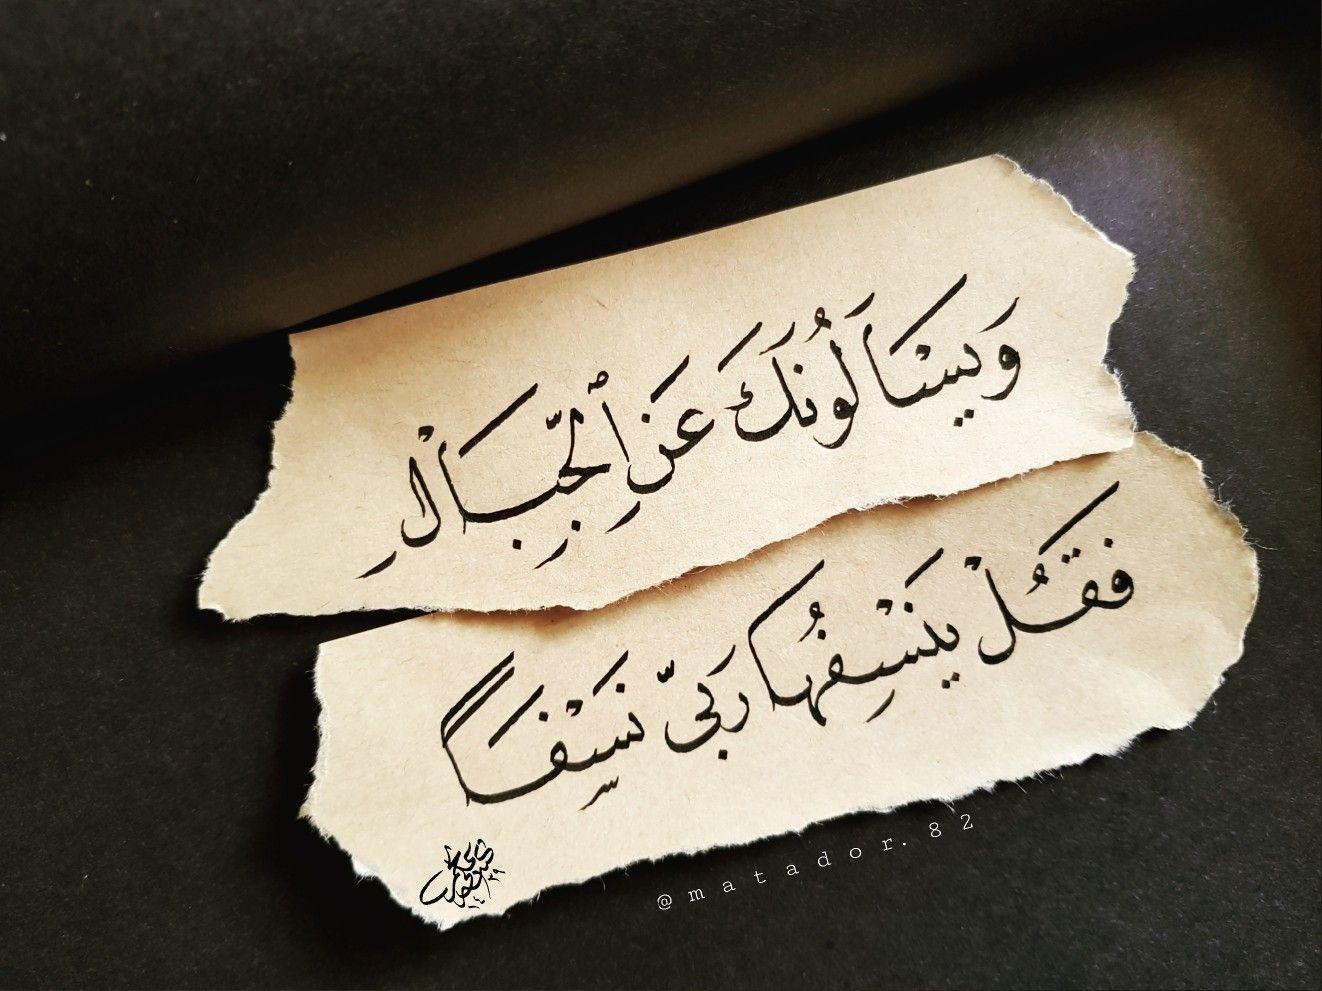 و يسألونك عن الجبال خواطر العراق خط عربي Islamic Quotes Arabic Quotes Calligraphy I